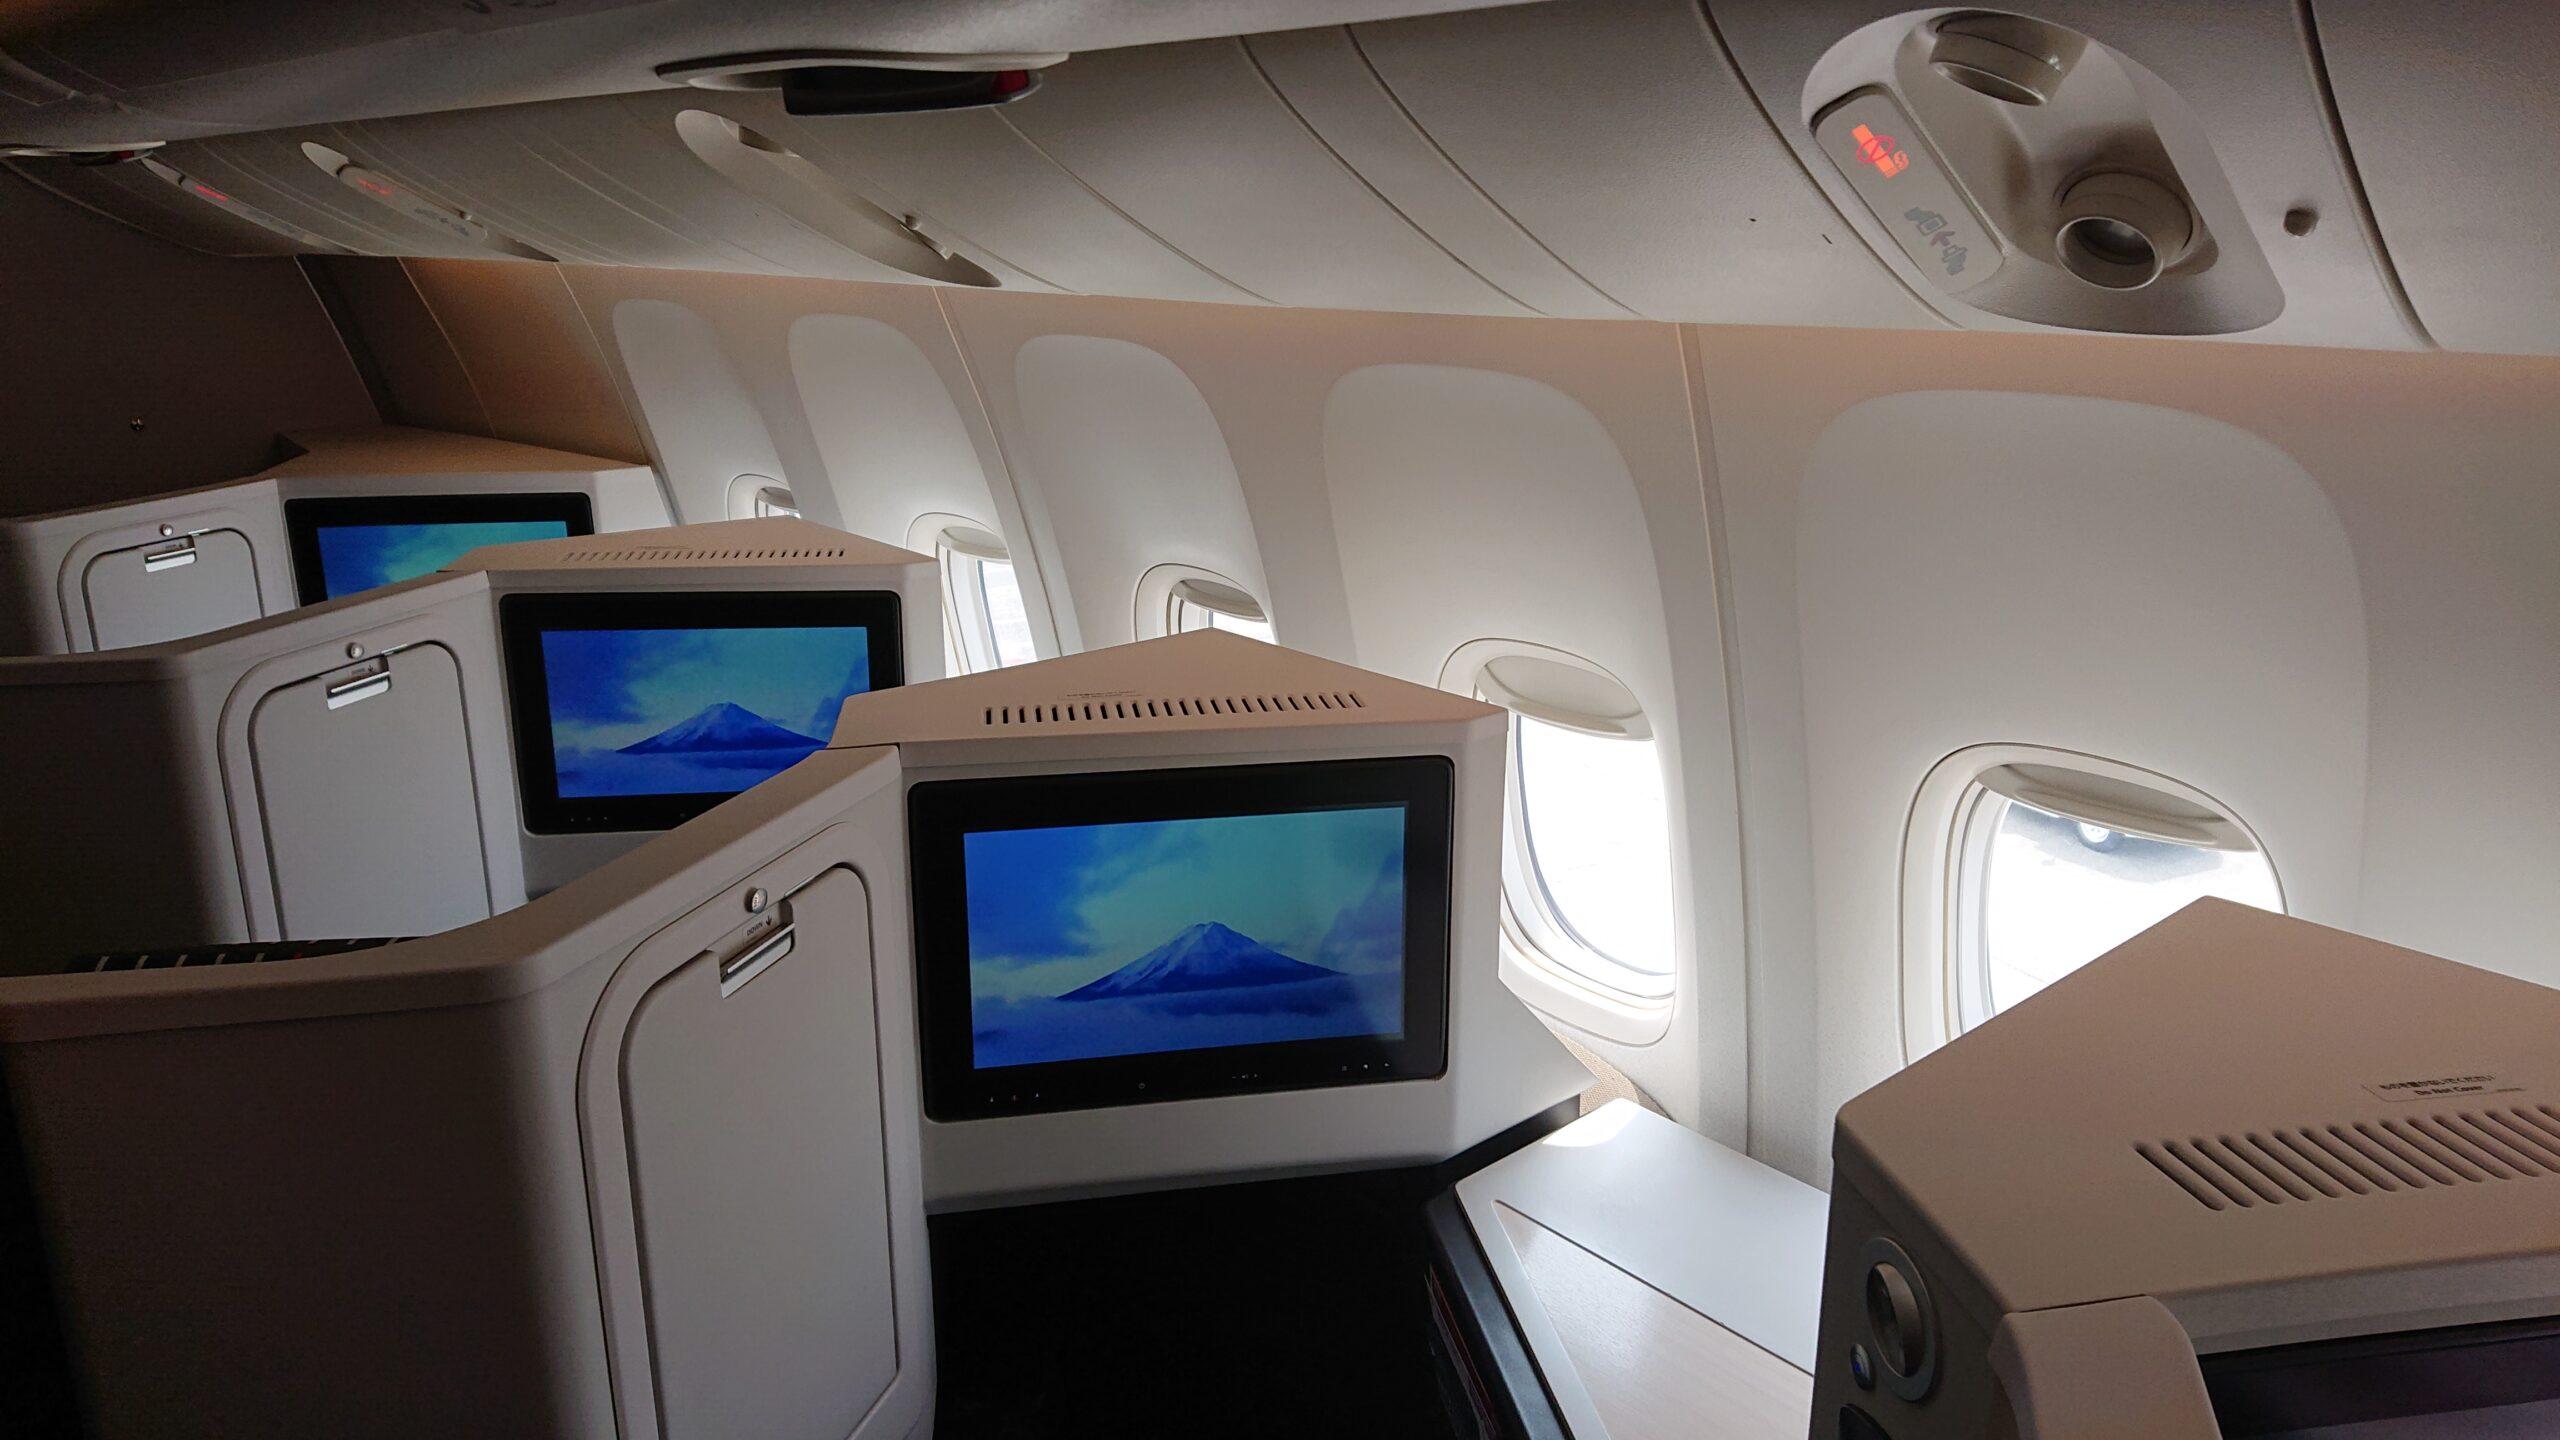 日本航空(JAL)のフルフラットシート